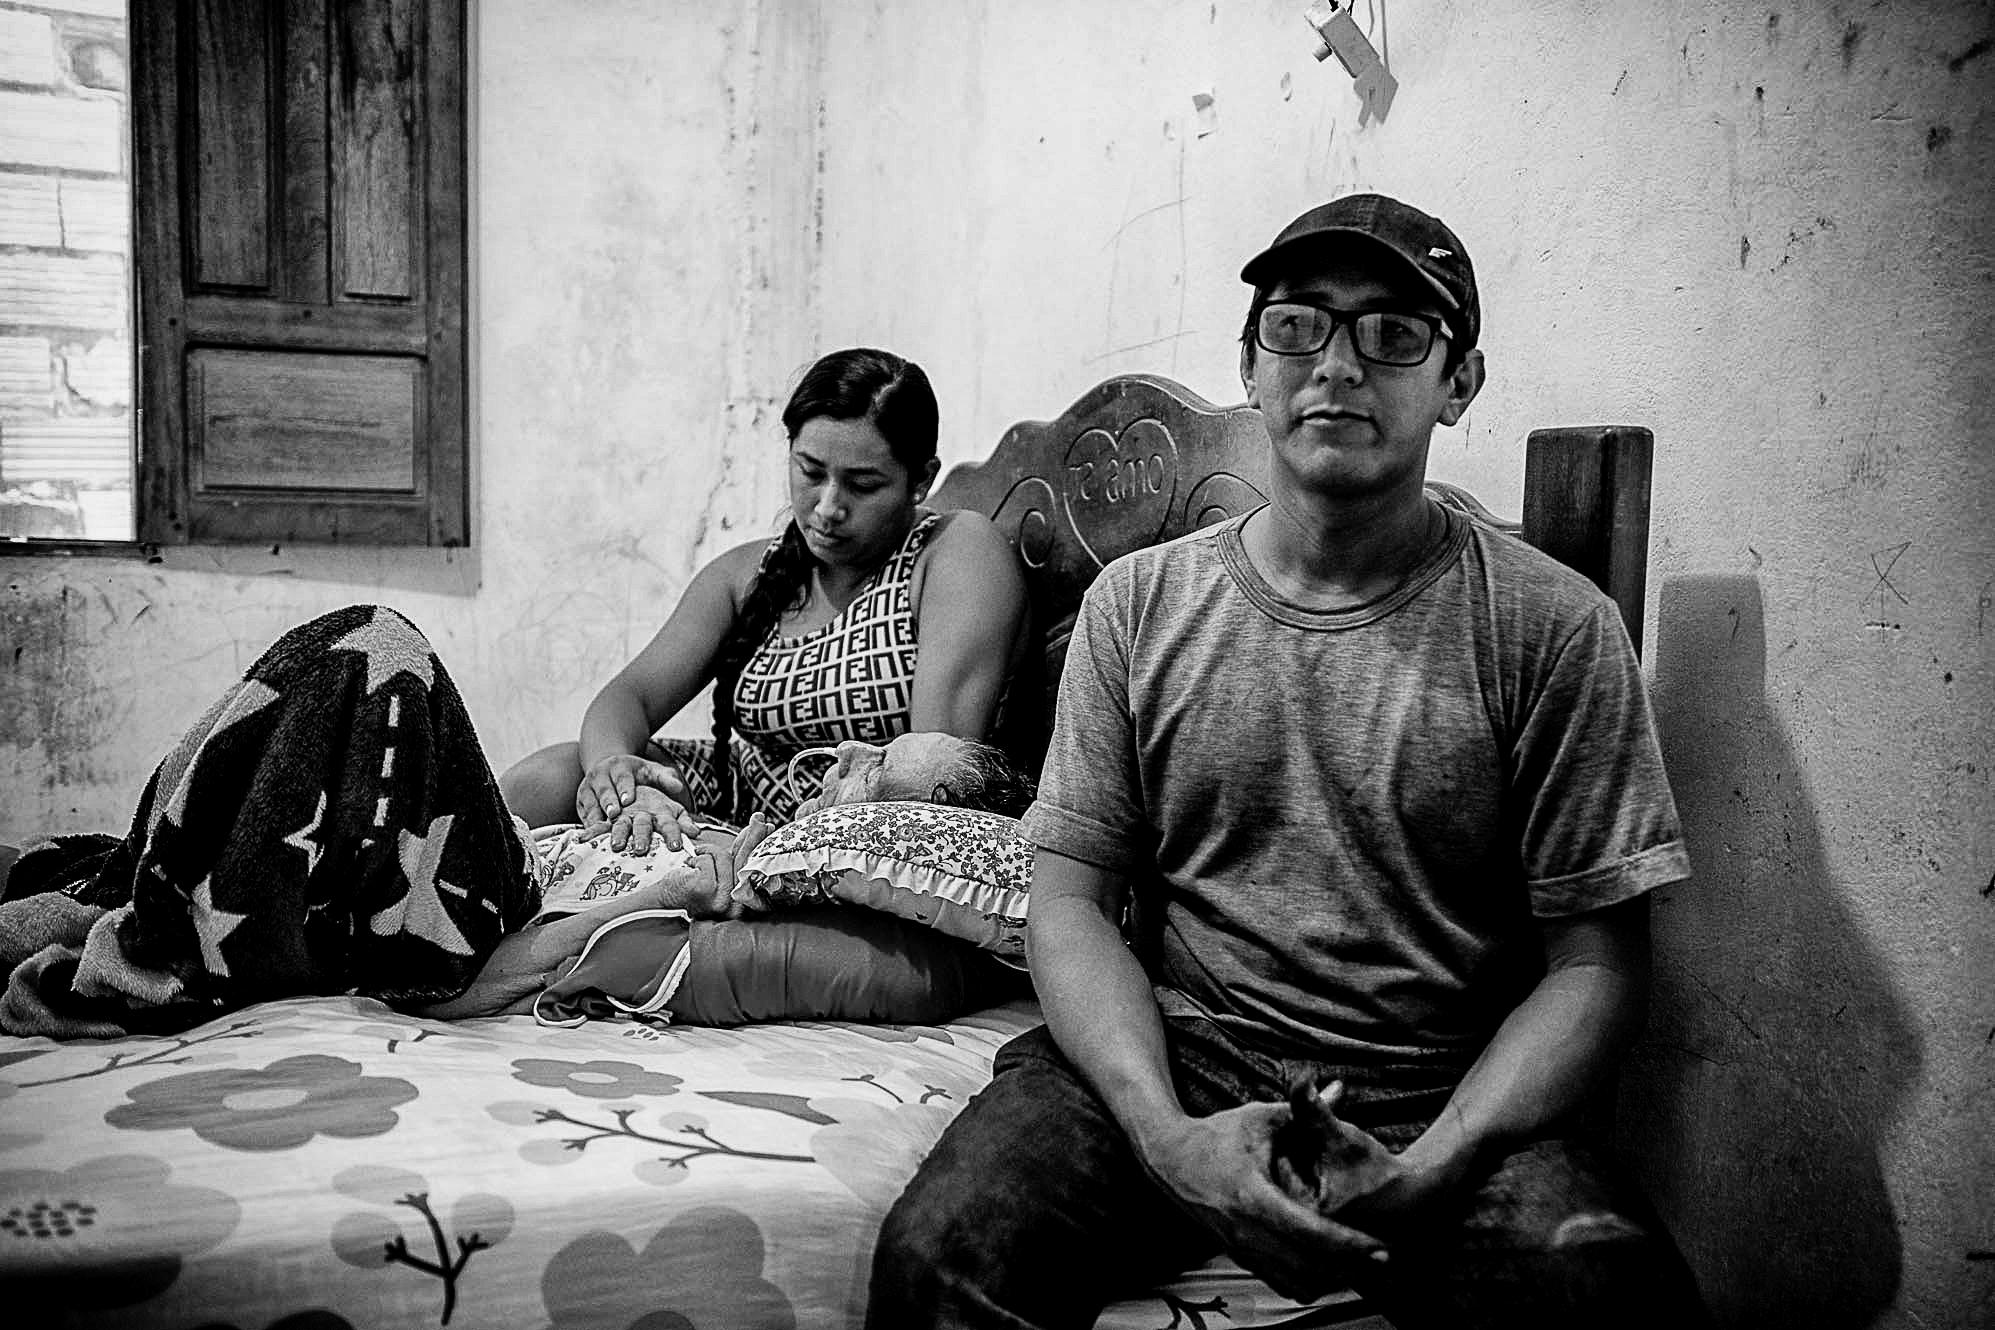 Mineração em Barcarena: moradores do bairro Dom Manoel têm alto nível de chumbo no sangue